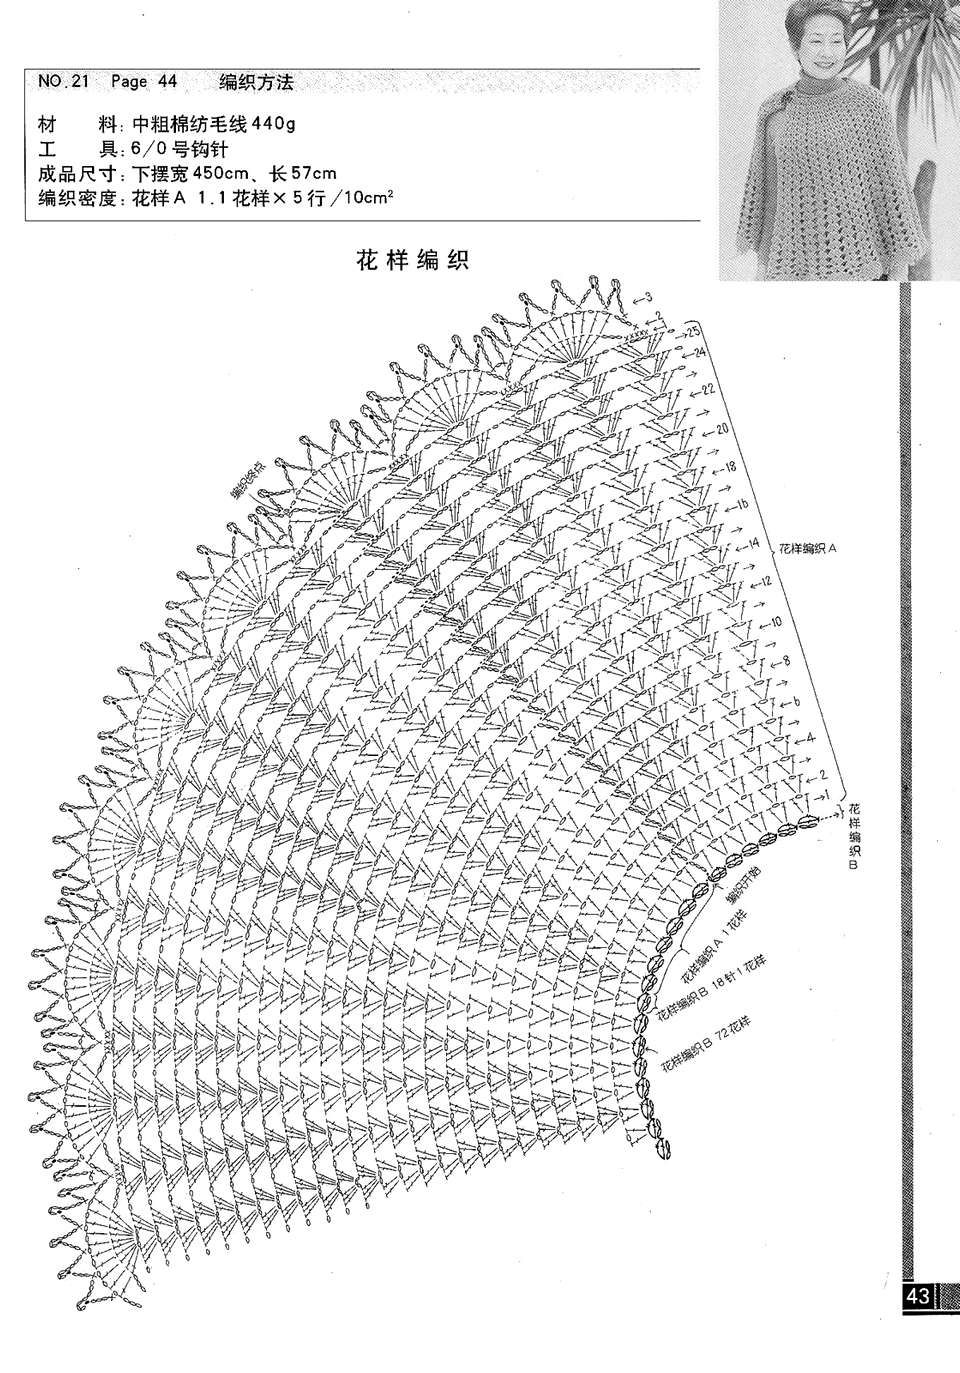 накидка пончо крючком схемы и описание фото картинки этой